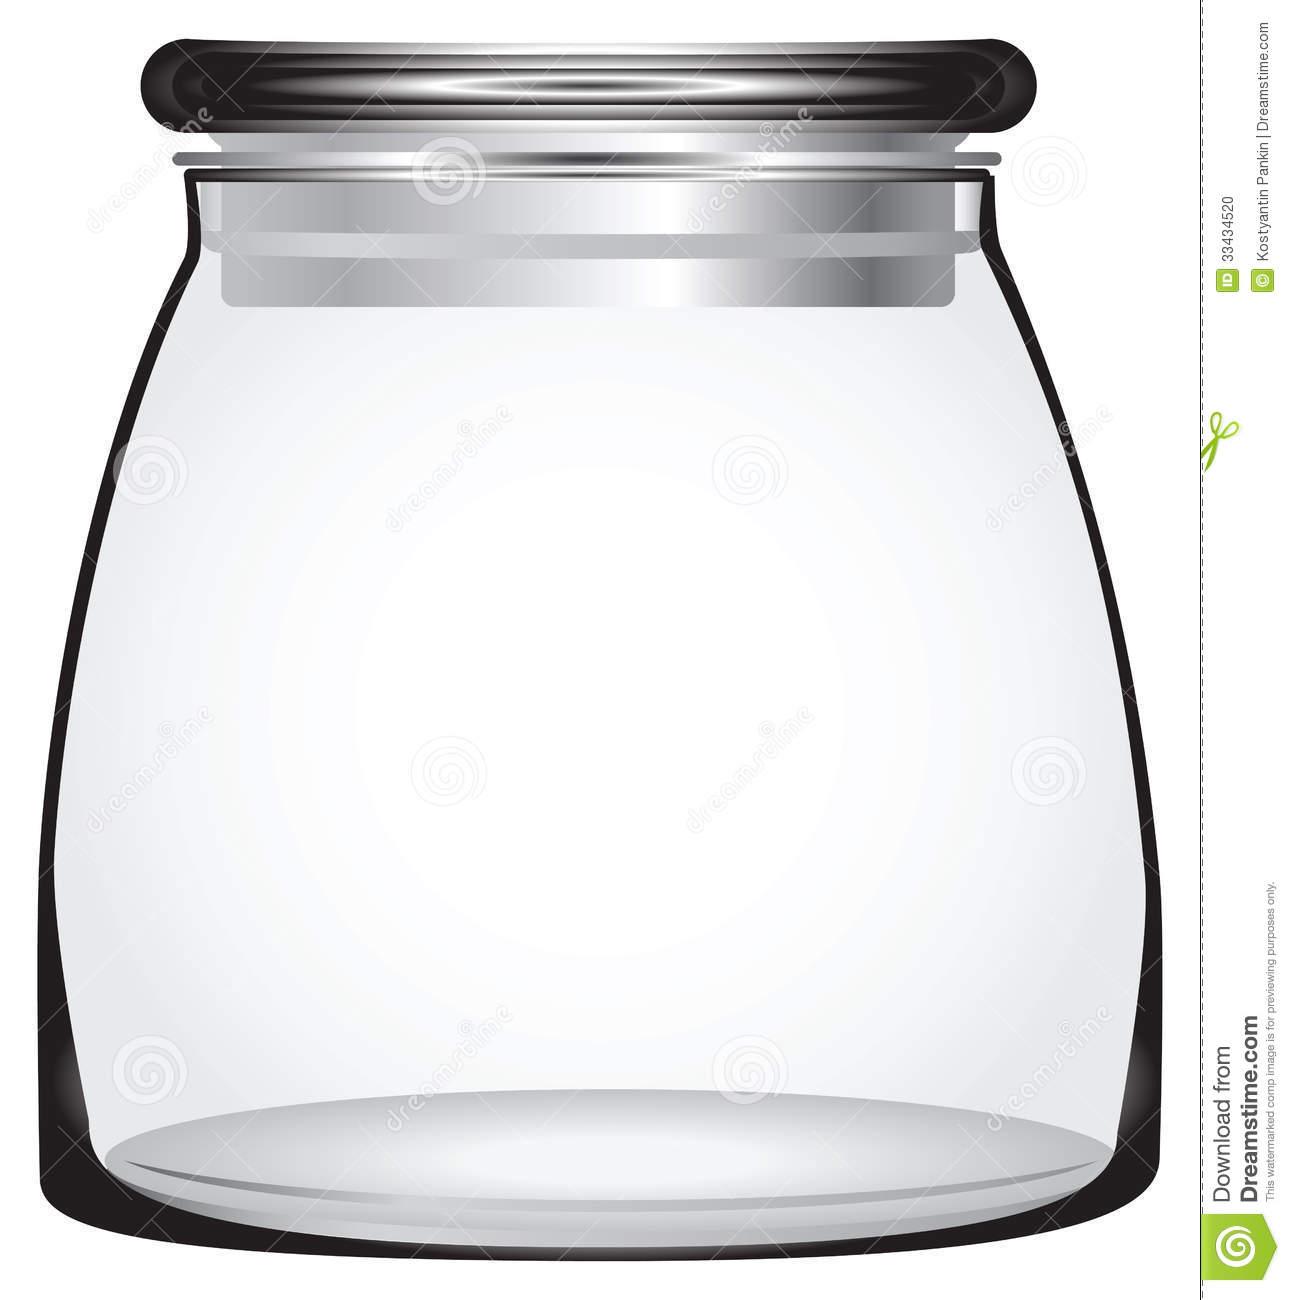 Clear jar clipart.